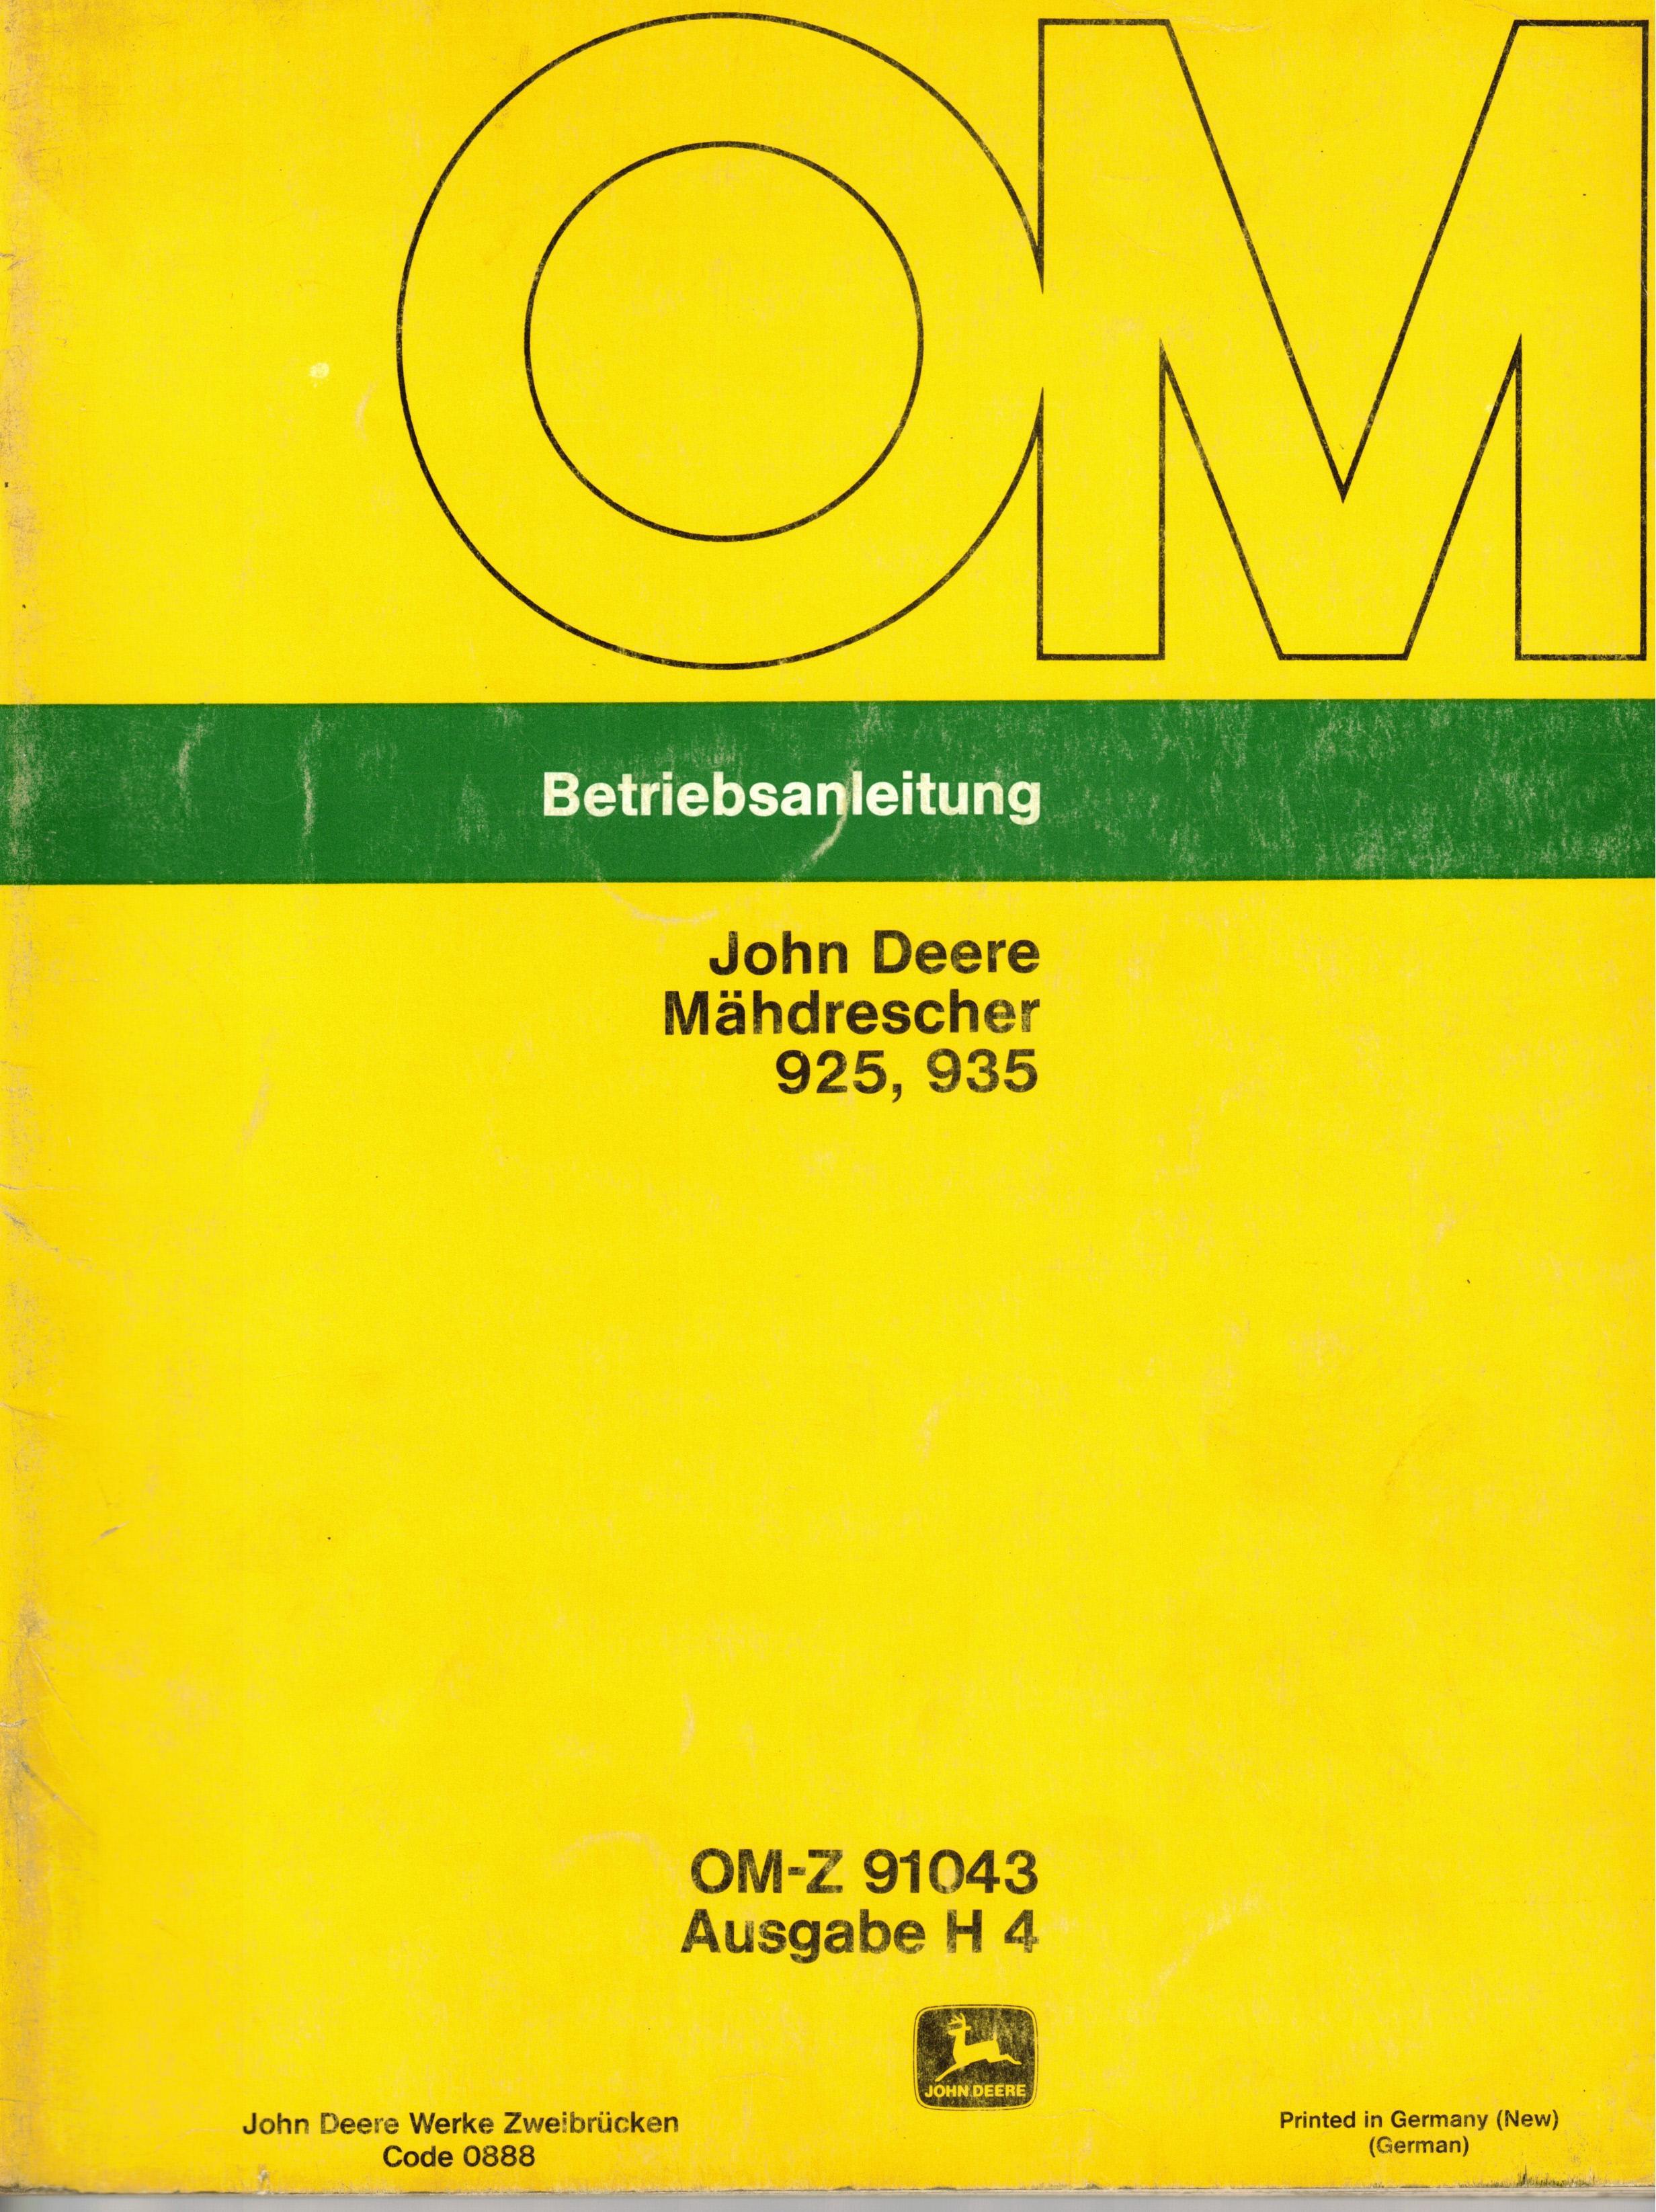 Bedienungsanleitung Mähdrescher John Deere 925 und 935